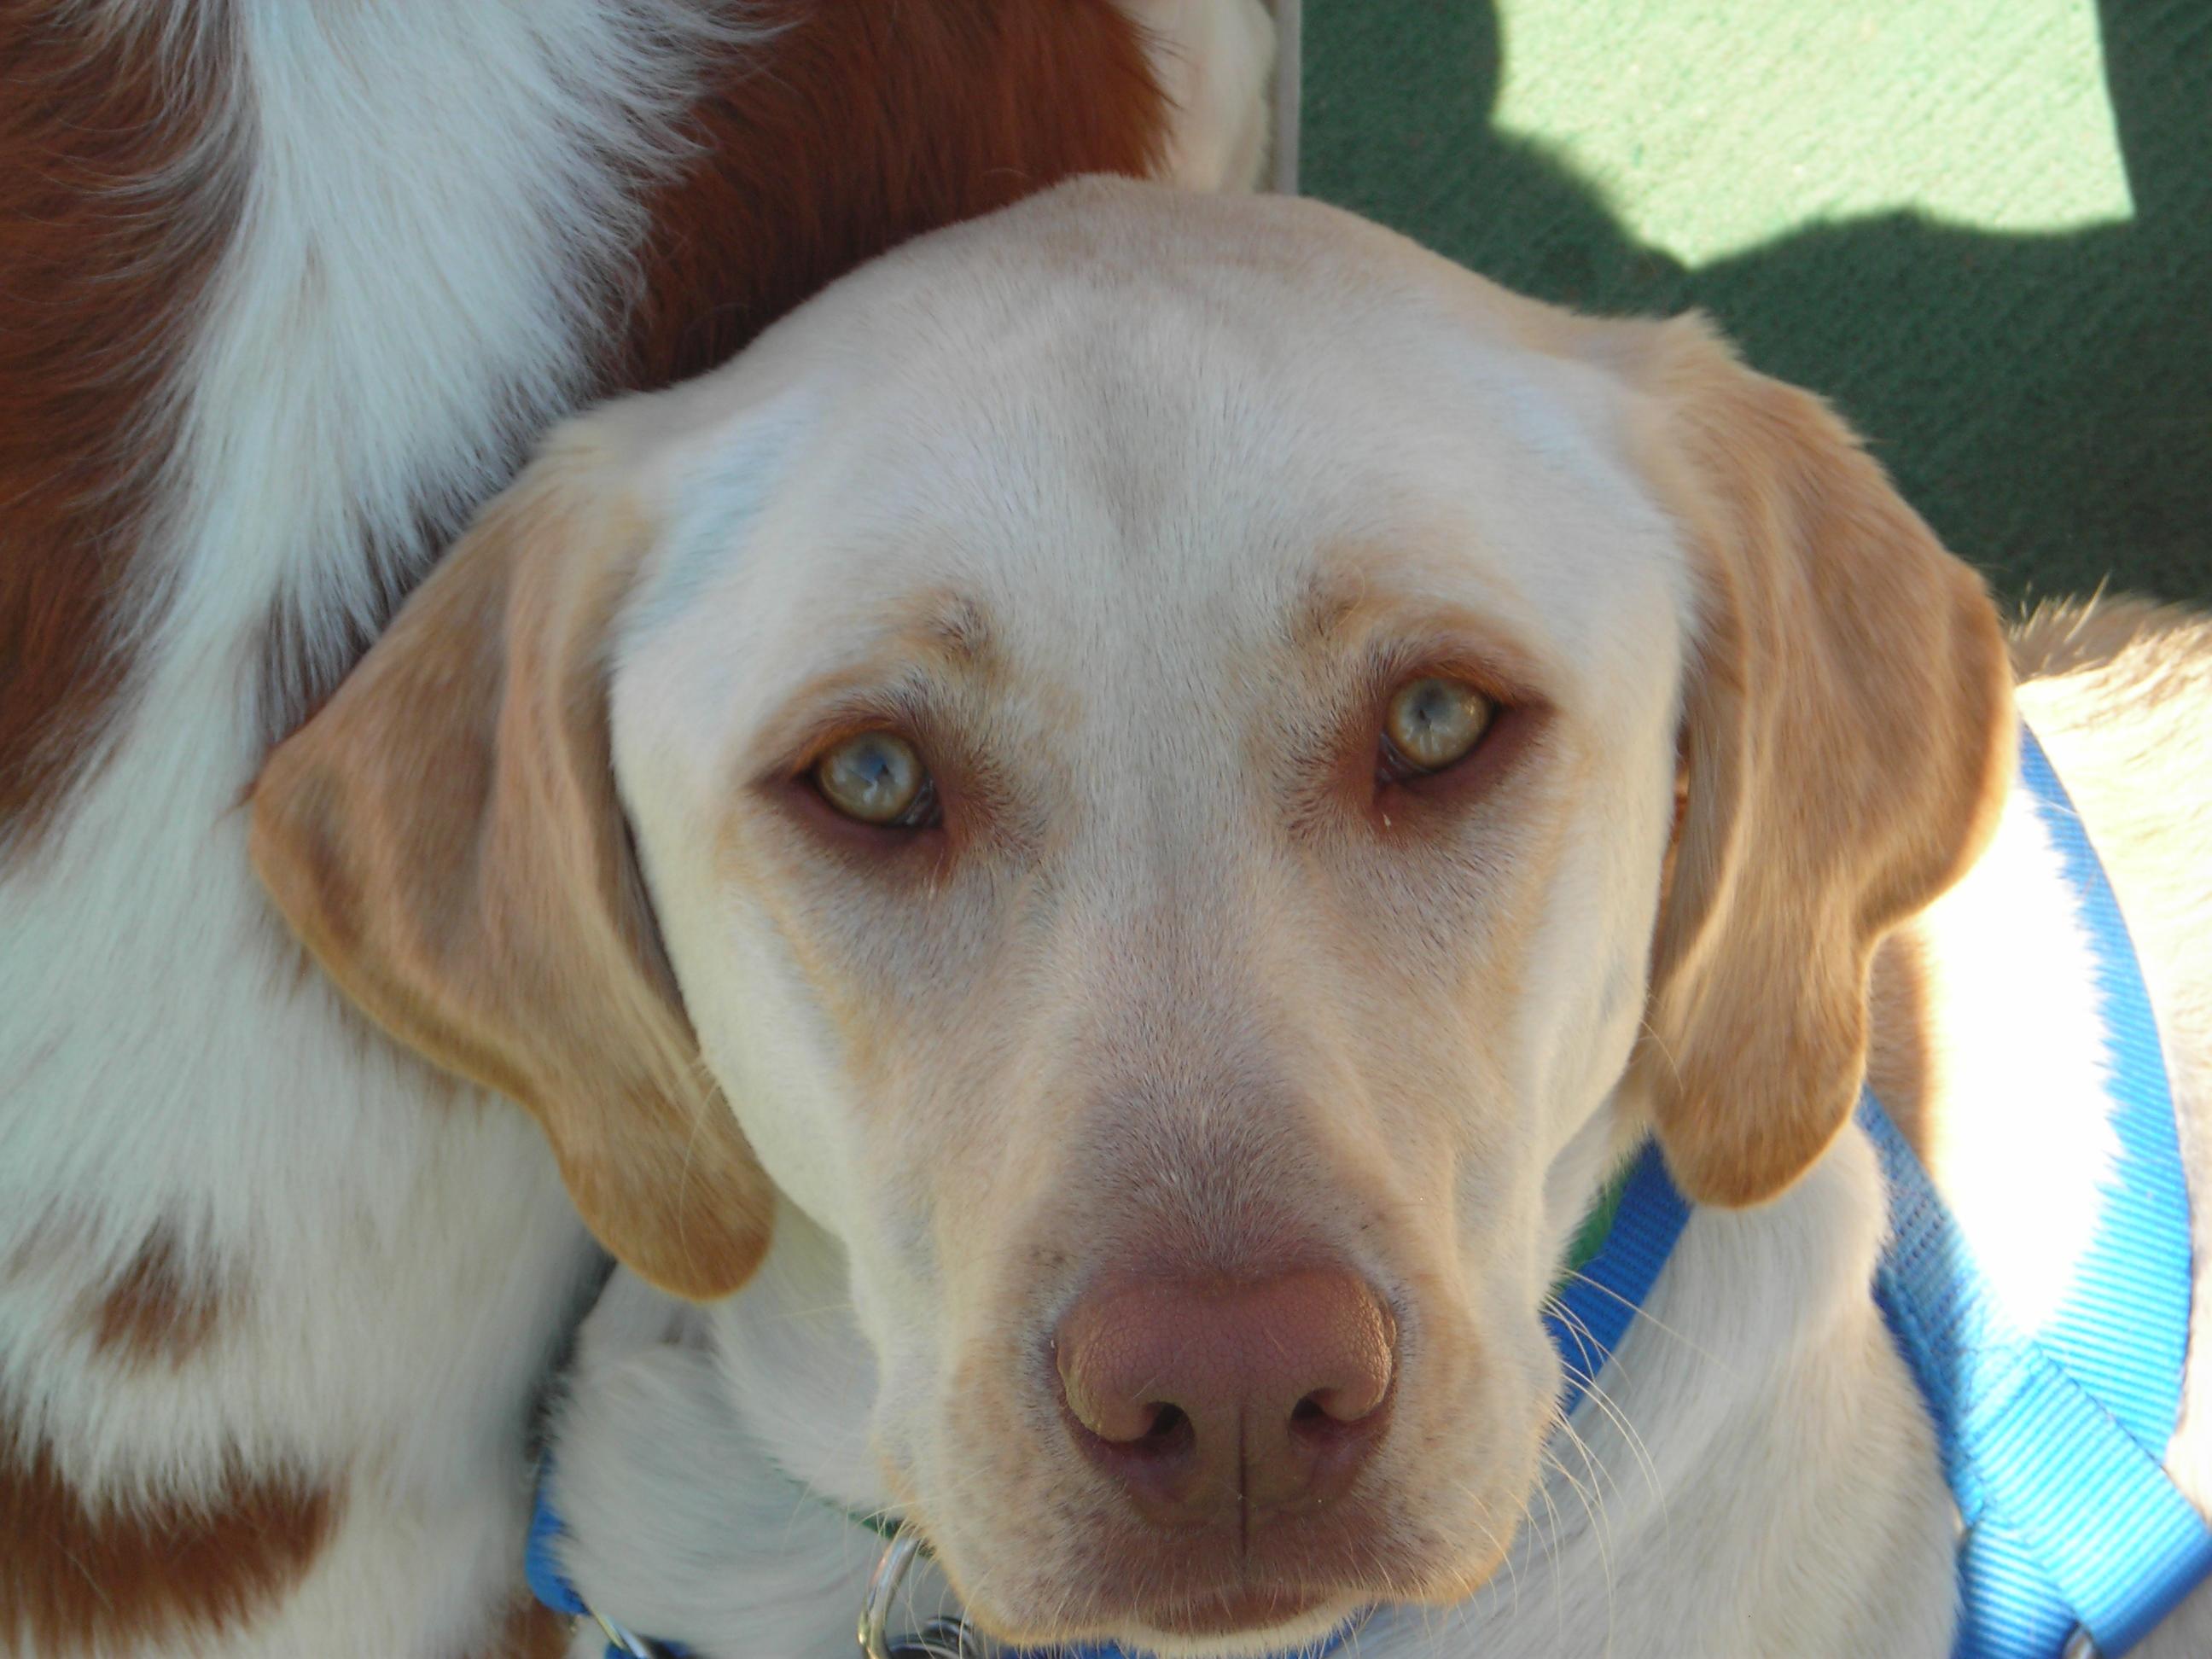 Semana nacional de vacunación antirrábica canina-felina